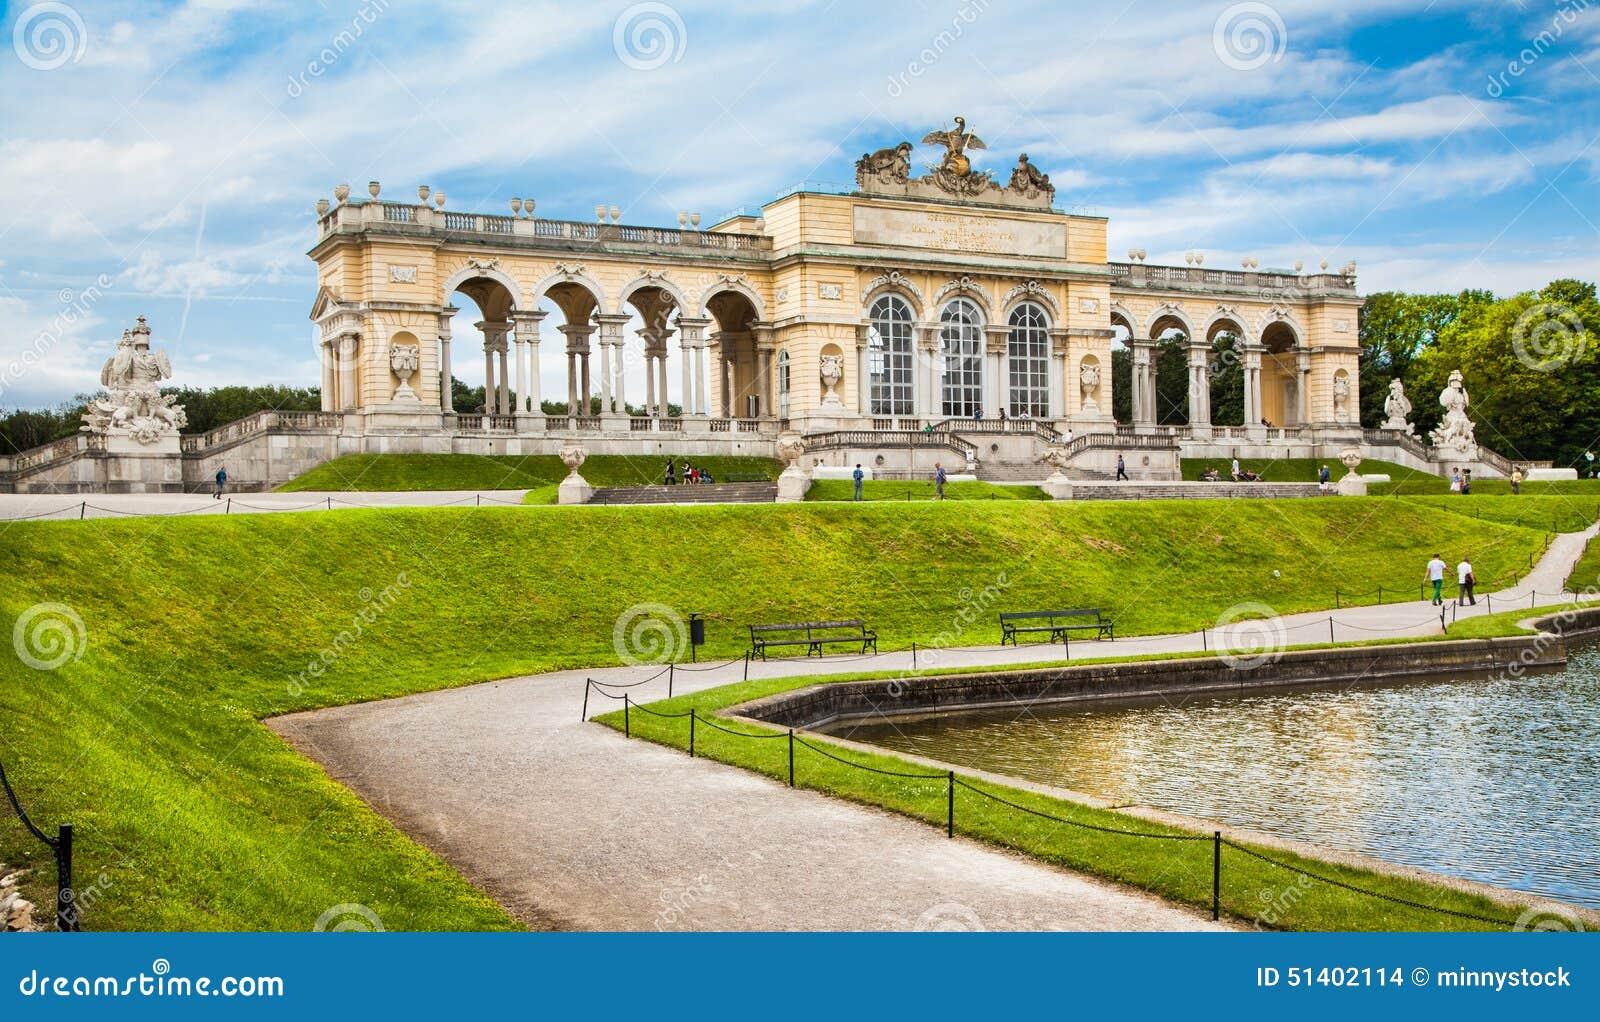 Gloriette al palazzo di Schonbrunn ed ai giardini, Vienna, Austria